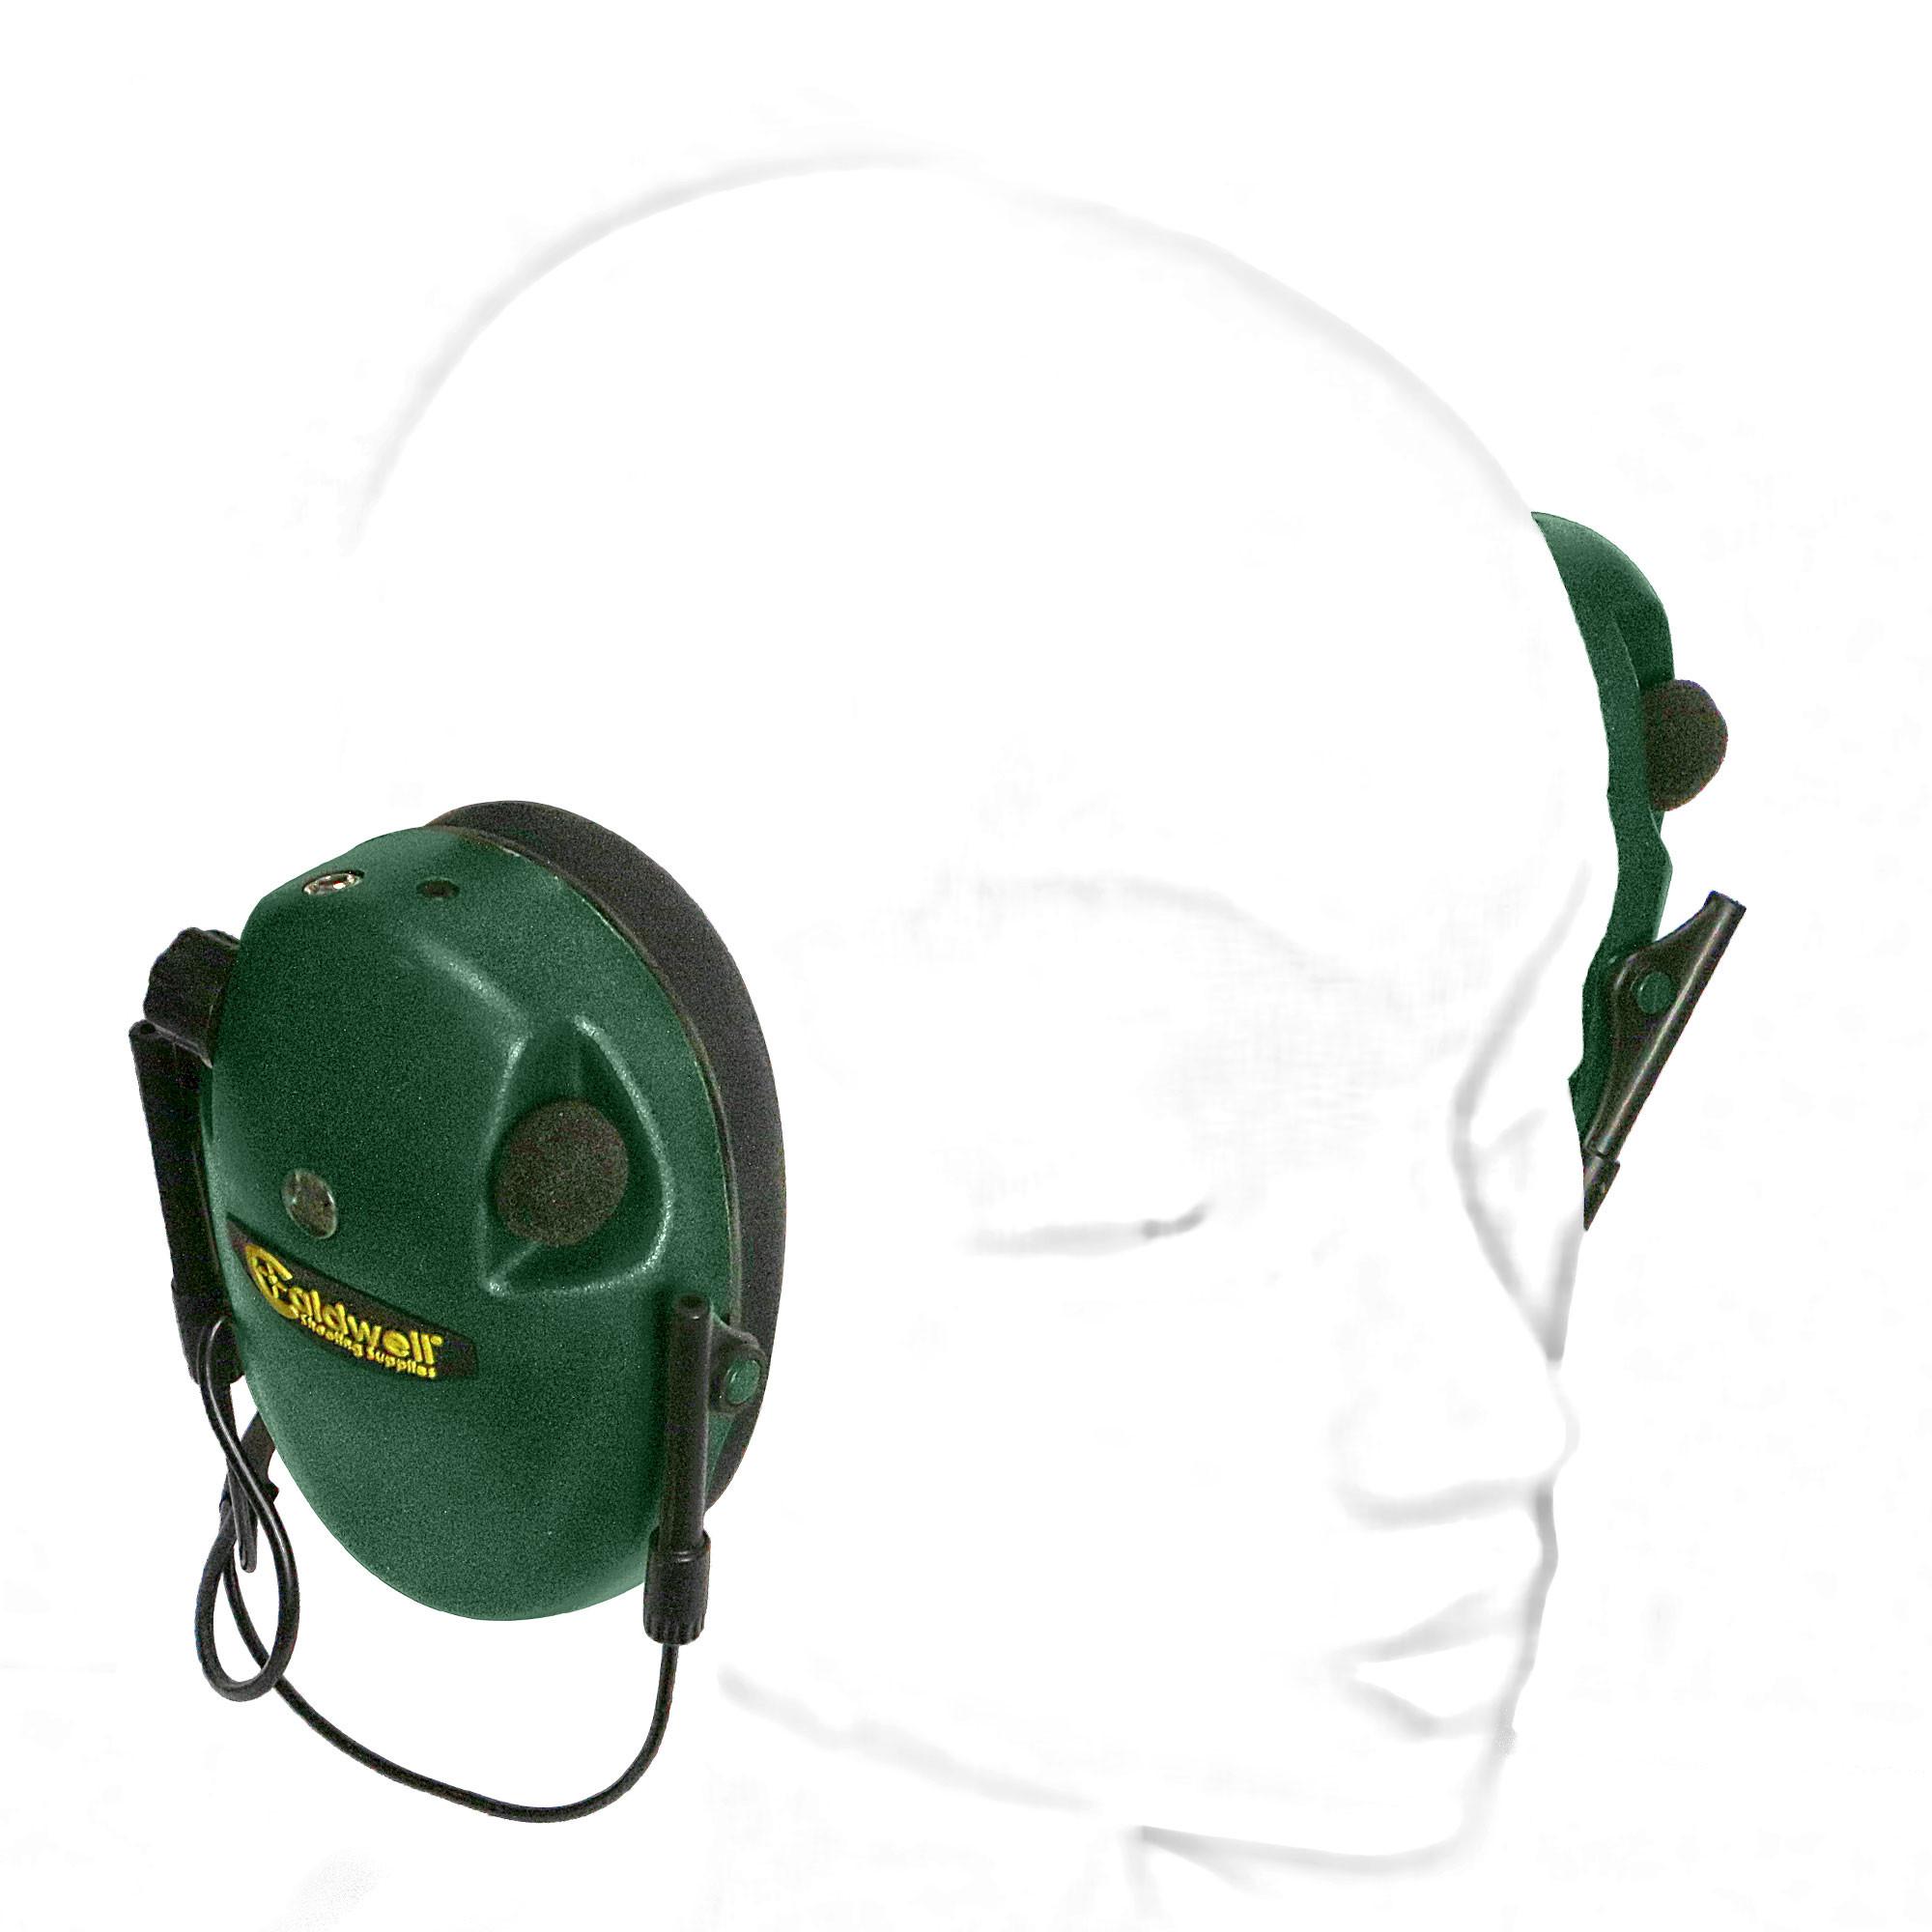 casque de protection auditif e max caldwell tour de cou ntd chasse et pi geage. Black Bedroom Furniture Sets. Home Design Ideas